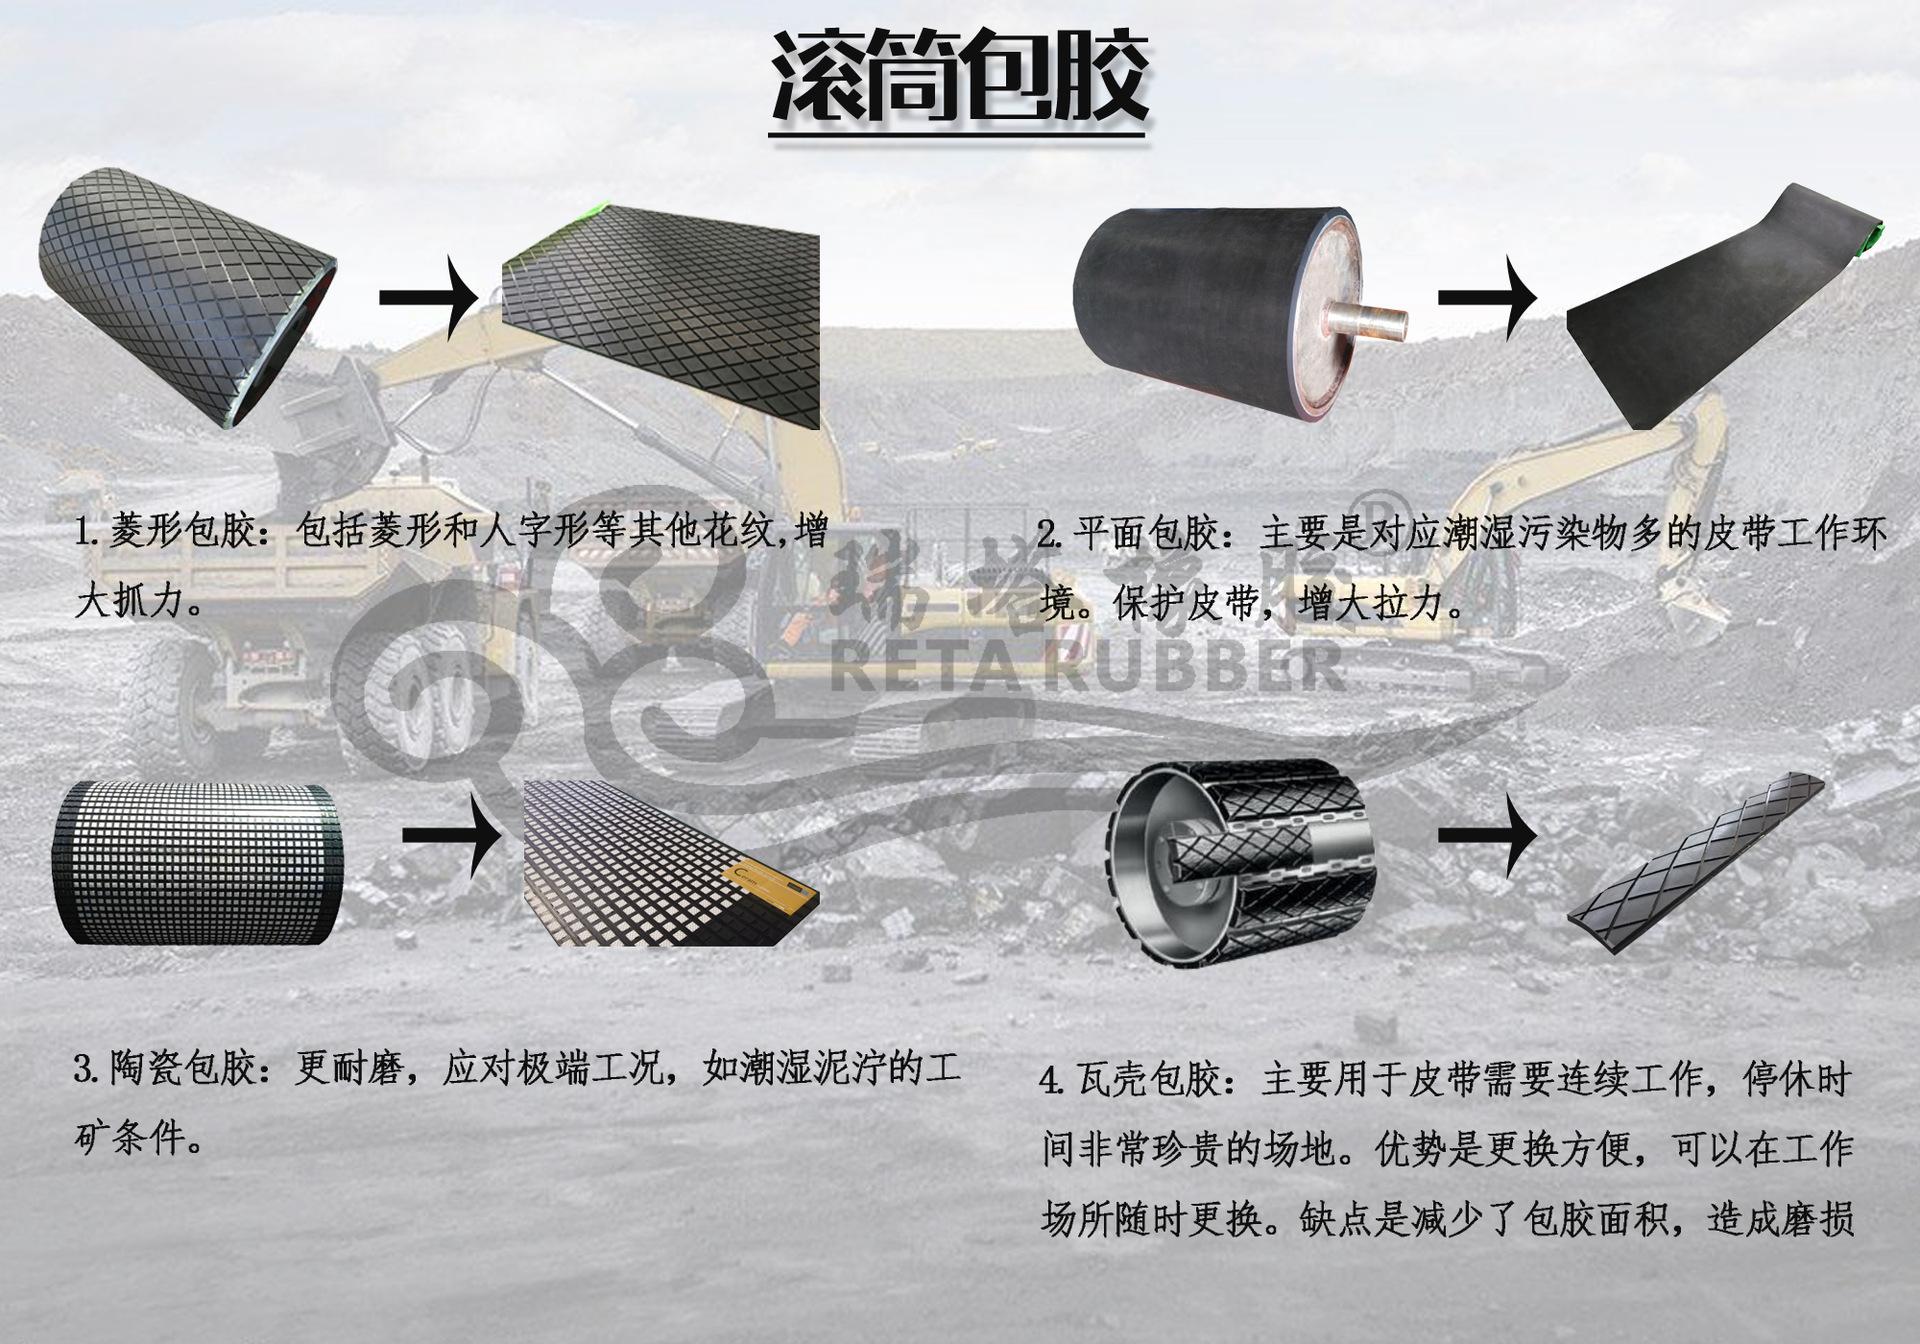 cn层滚筒包胶胶板 耐磨冷硫化cn层滚筒包胶胶板厂家示例图3